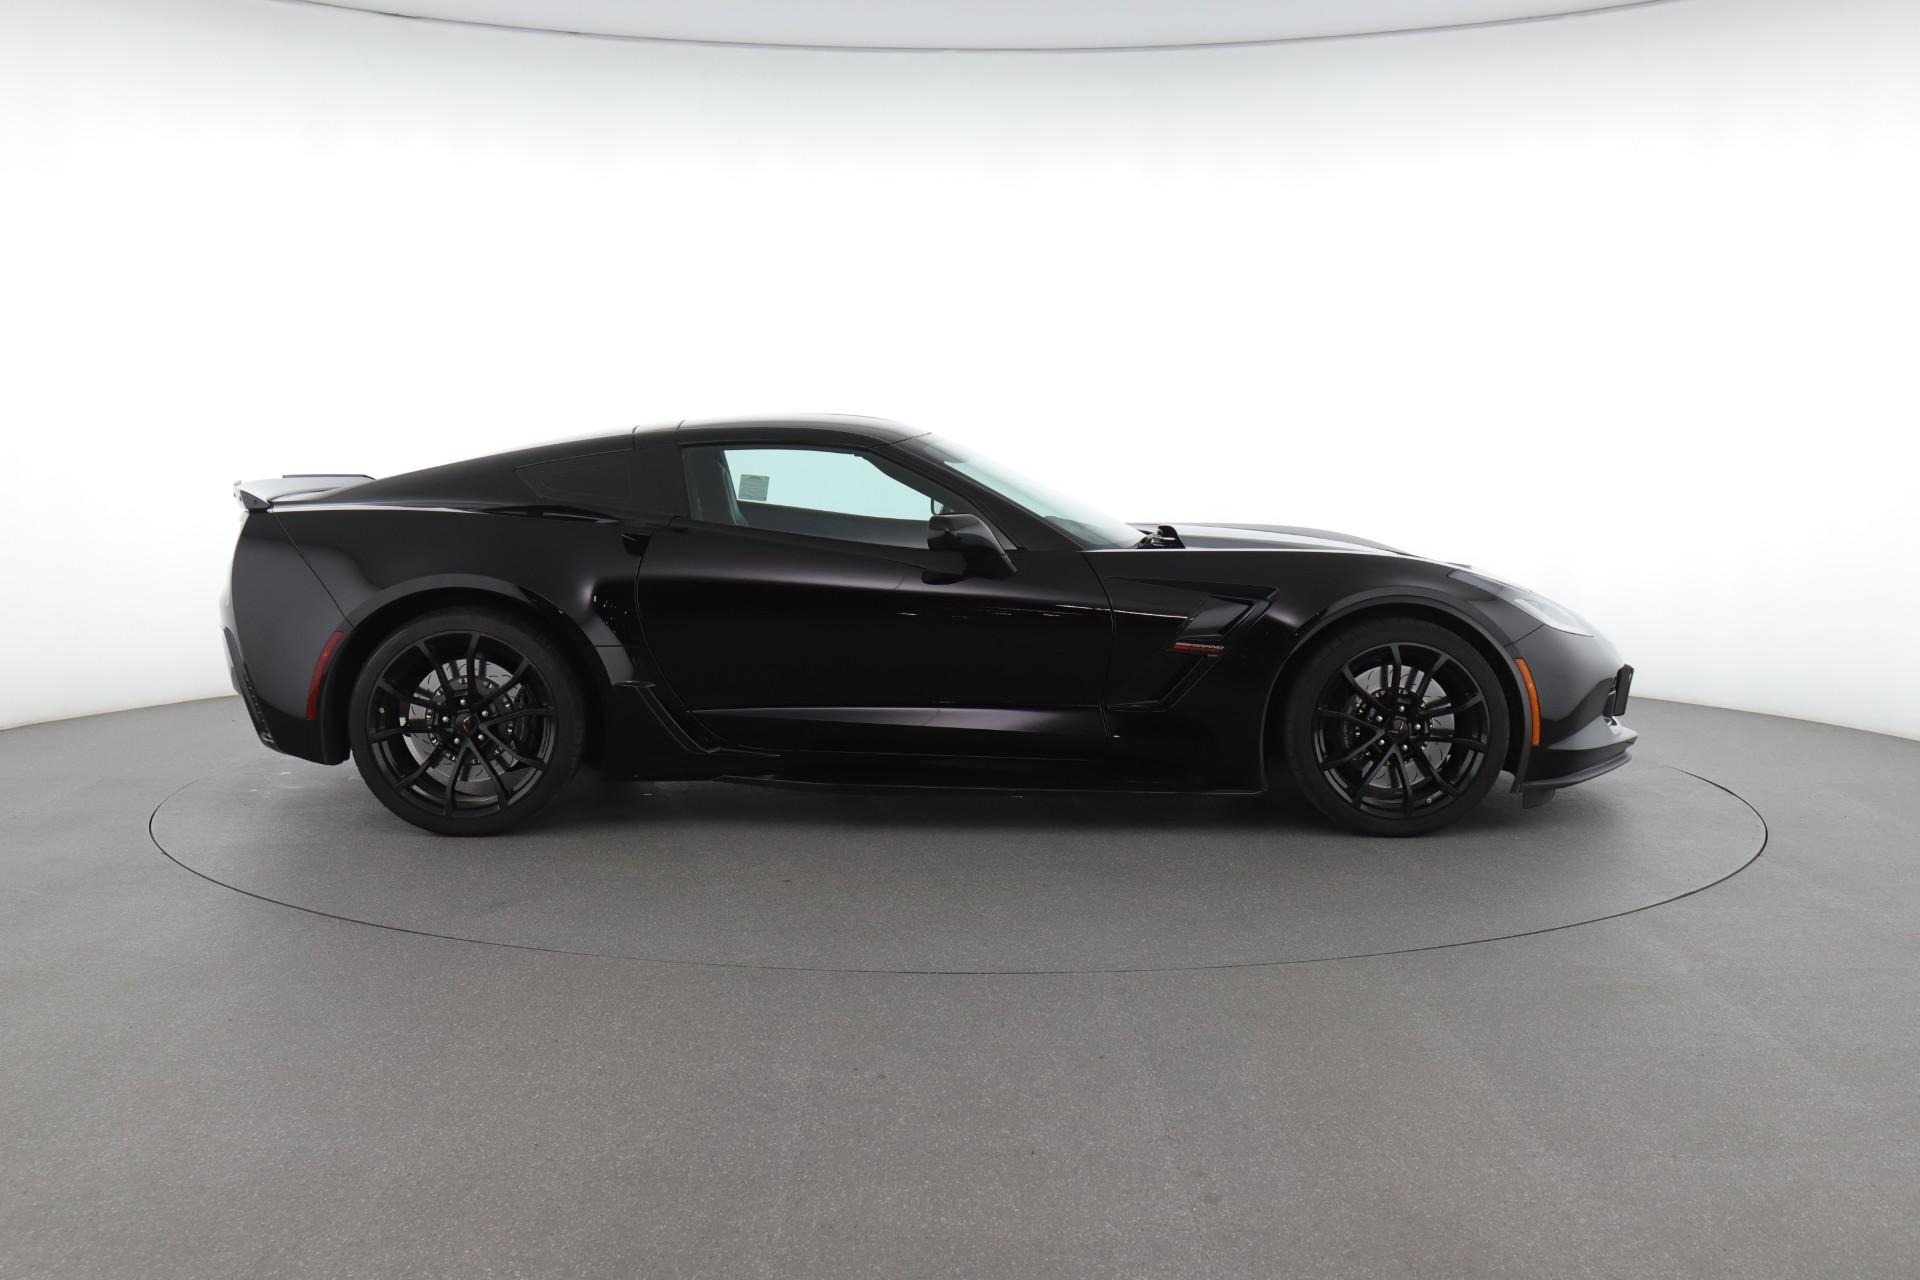 2017 Chevrolet Corvette Grand Sport 1LT (from $64,300)